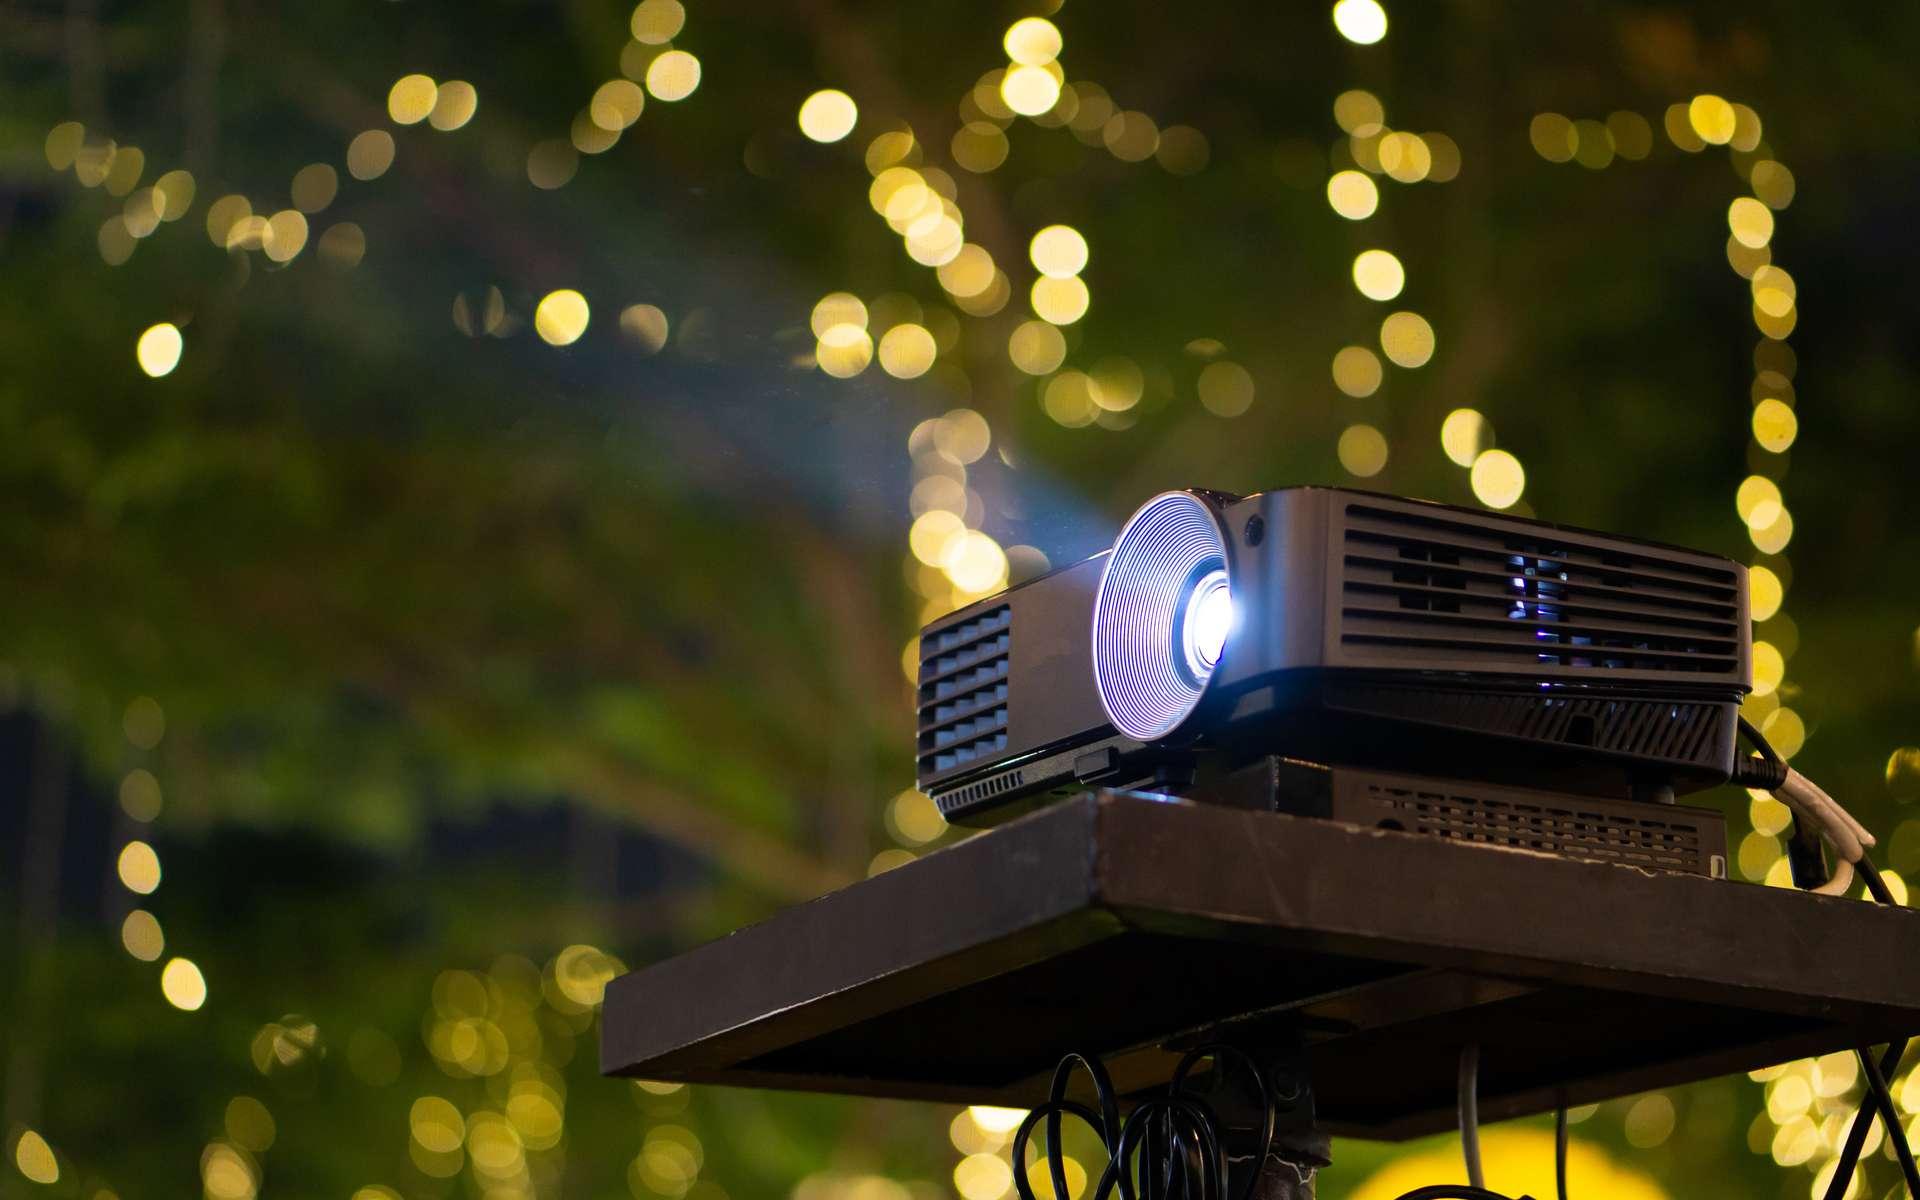 Passez des moments de qualité en famille, et visionnez de nombreux films et séries grâce à nos tests de vidéoprojecteurs © pkproject, Adobe Stock